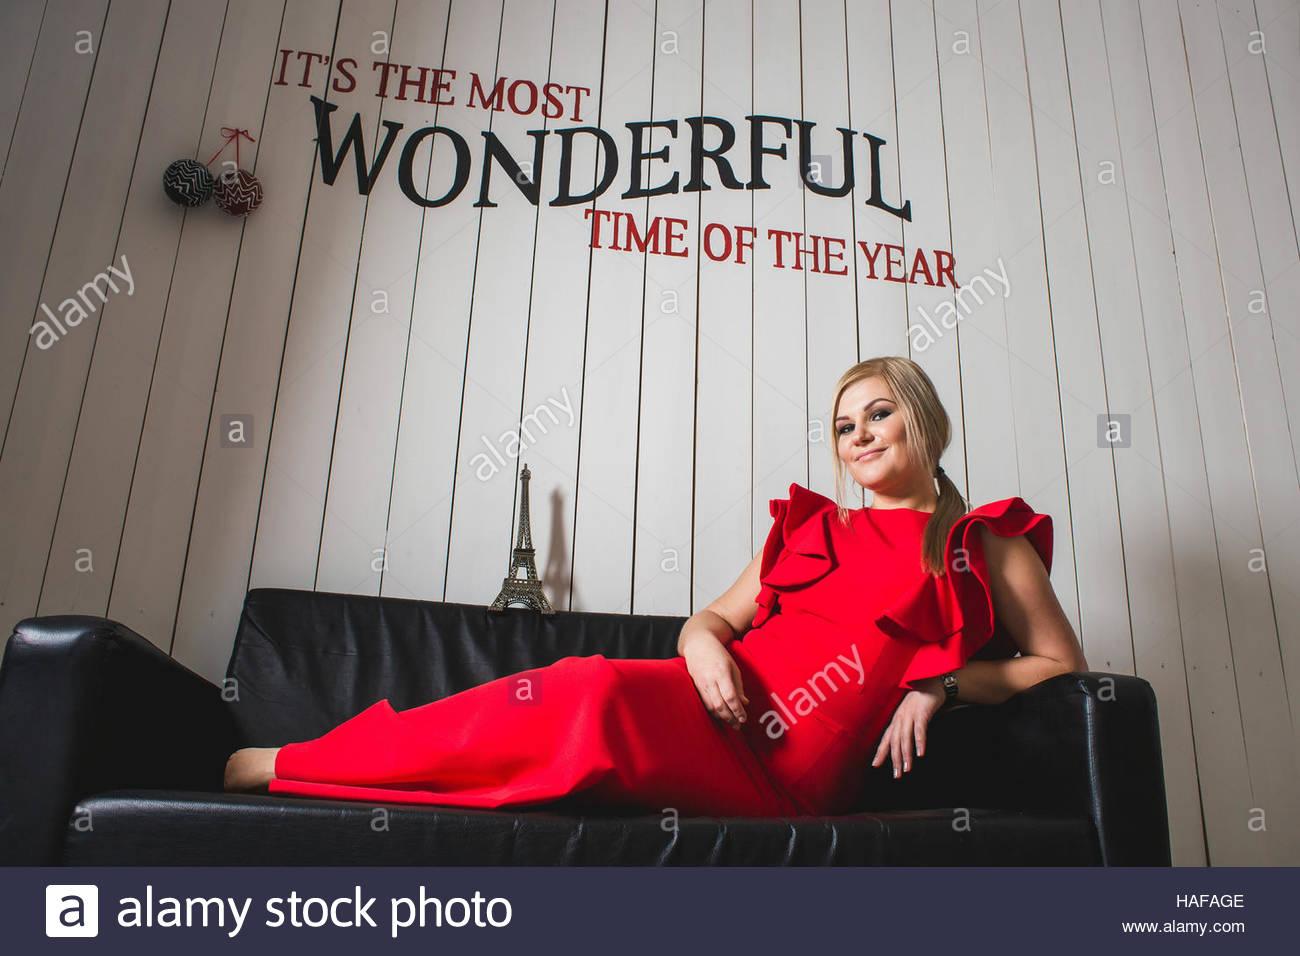 f1e6f790e Lujo en mujer joven con el pelo rubio y maquillaje perfecto en la noche vestido  rojo